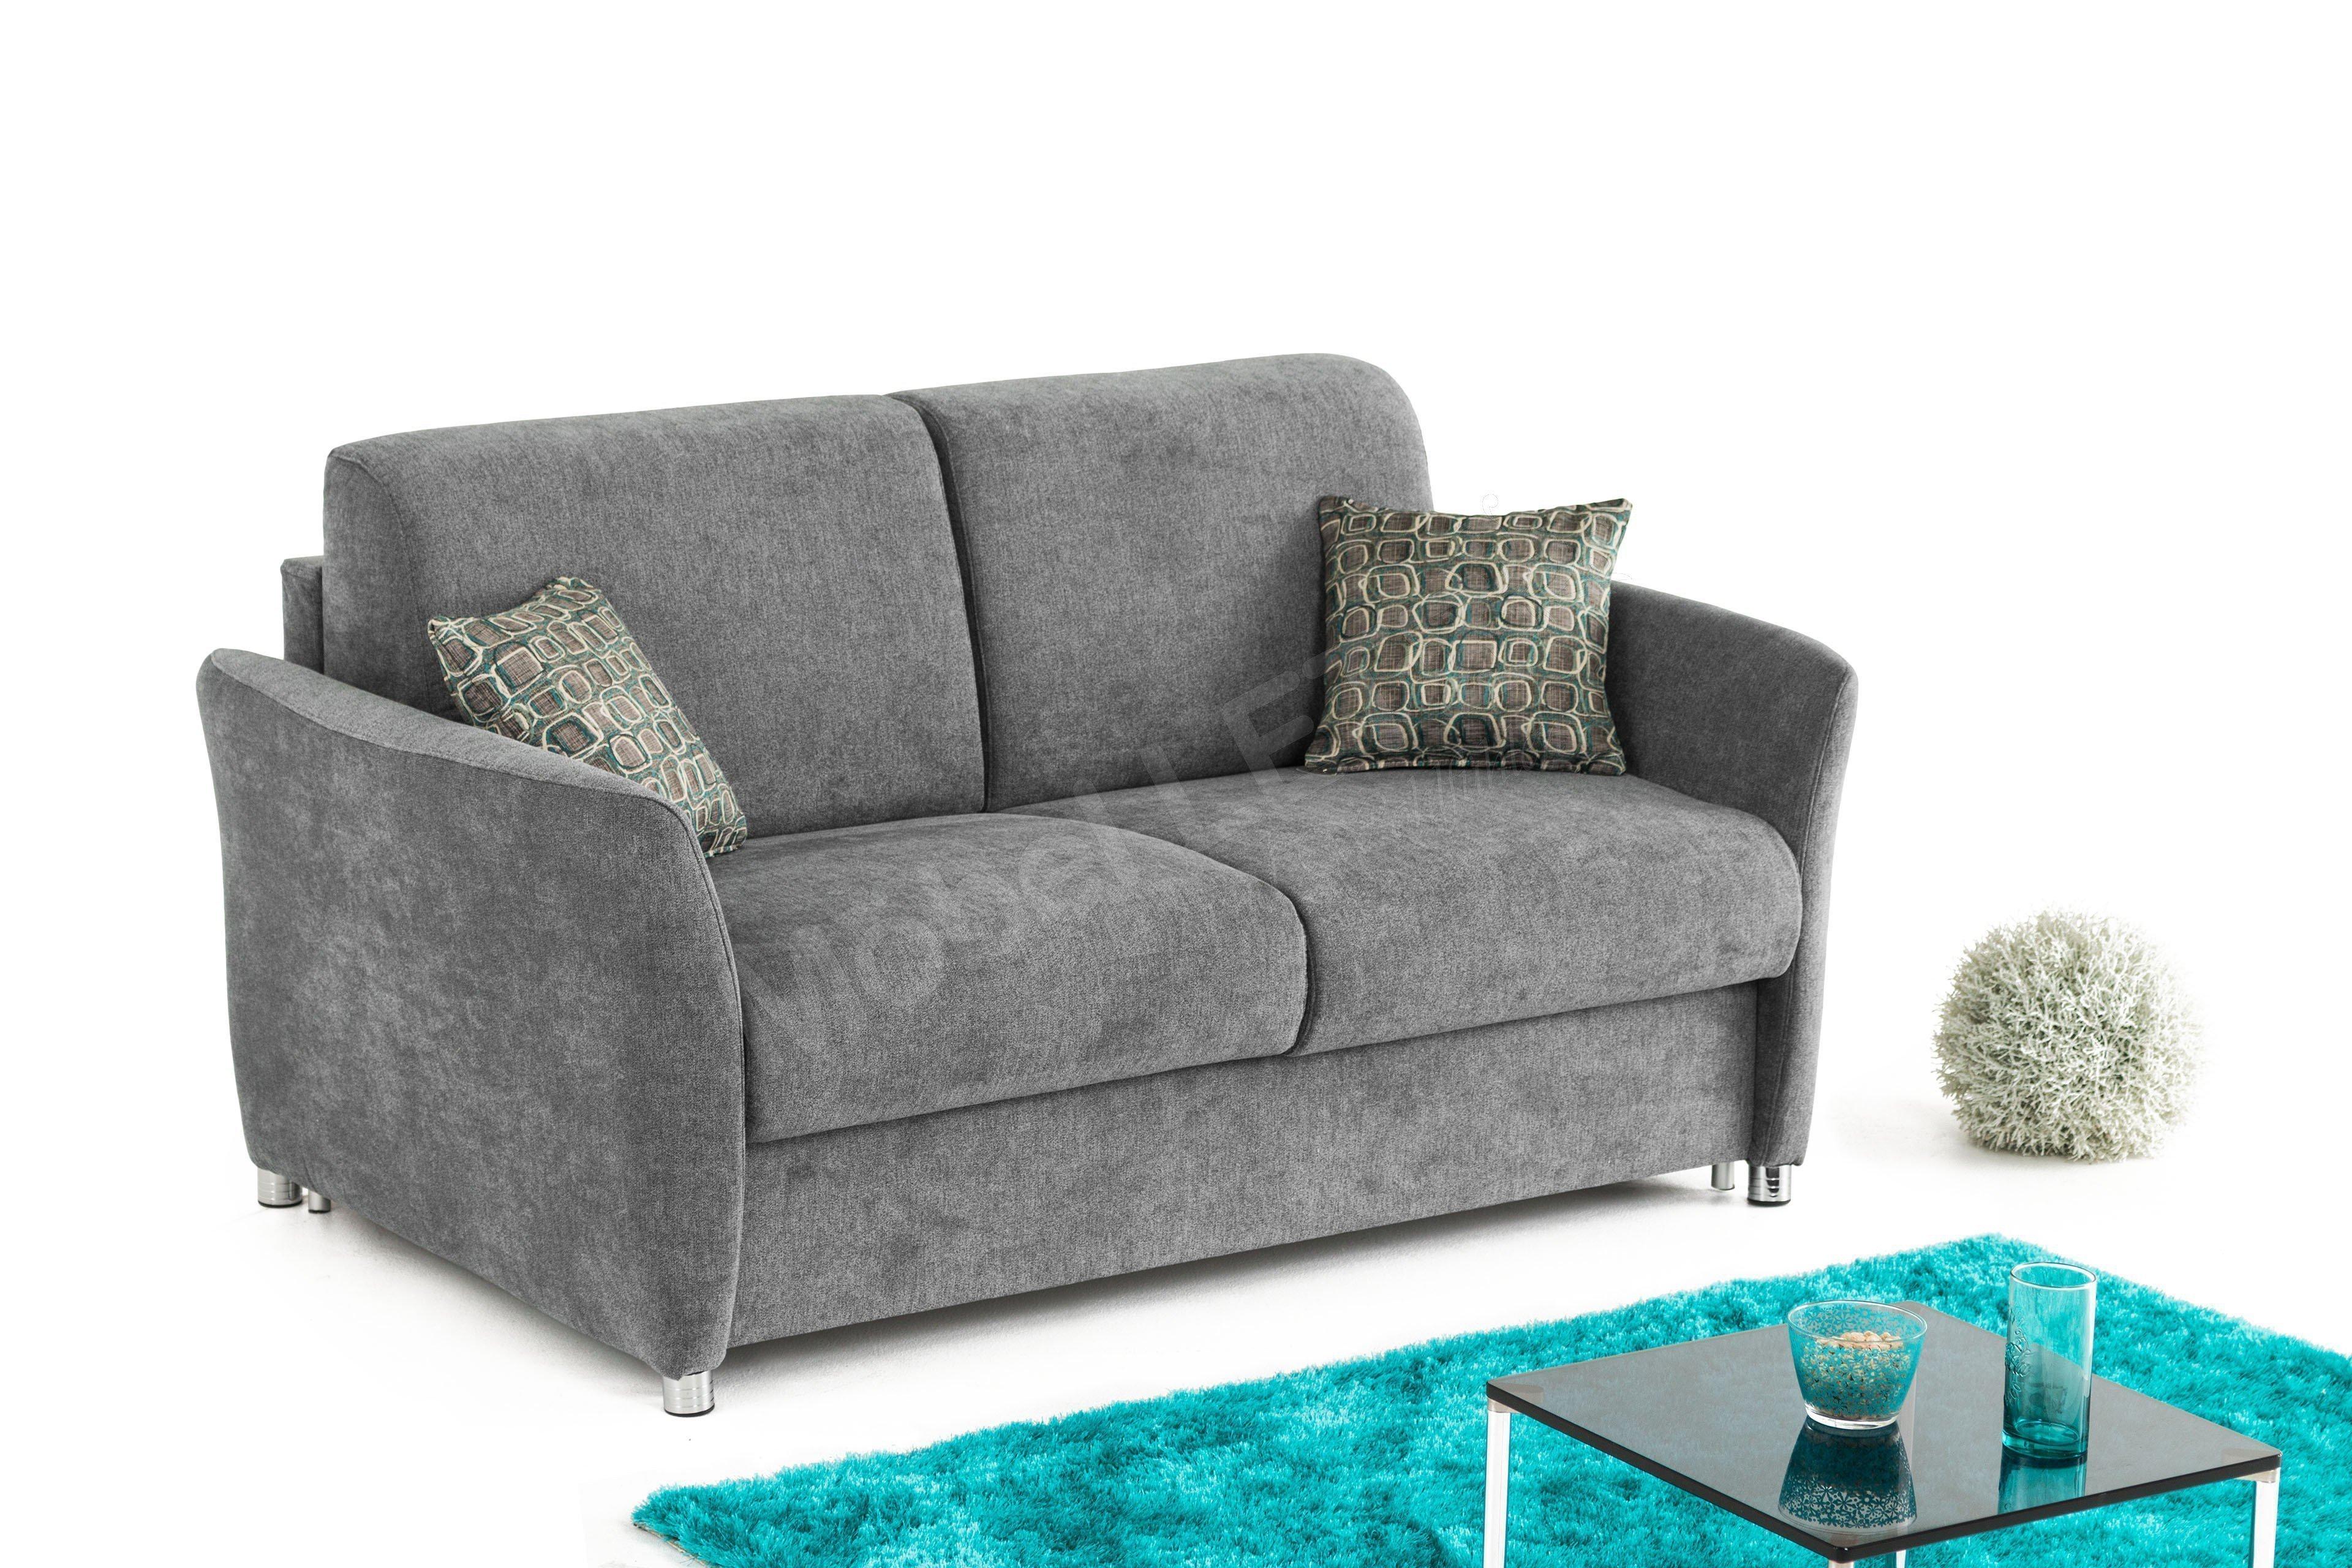 restyl schlafsofa torsten in dunkelgrau mit matratze m bel letz ihr online shop. Black Bedroom Furniture Sets. Home Design Ideas